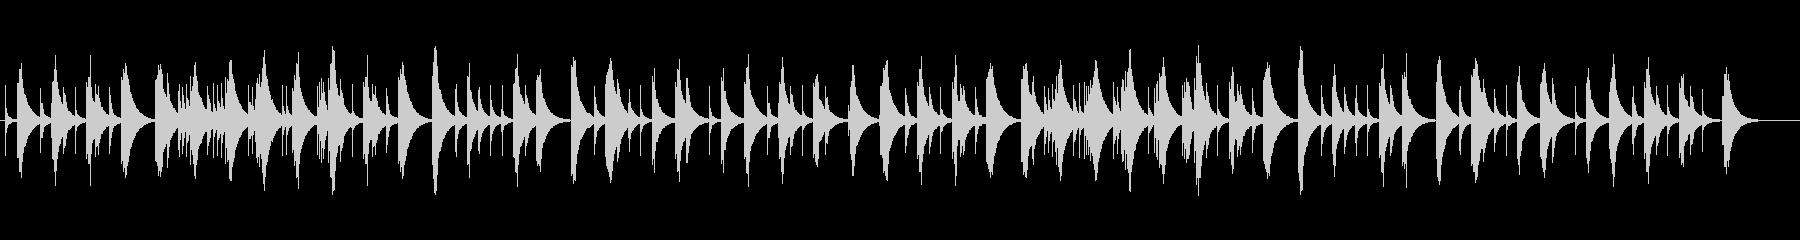 ショパン夜想曲4番のオルゴールの未再生の波形